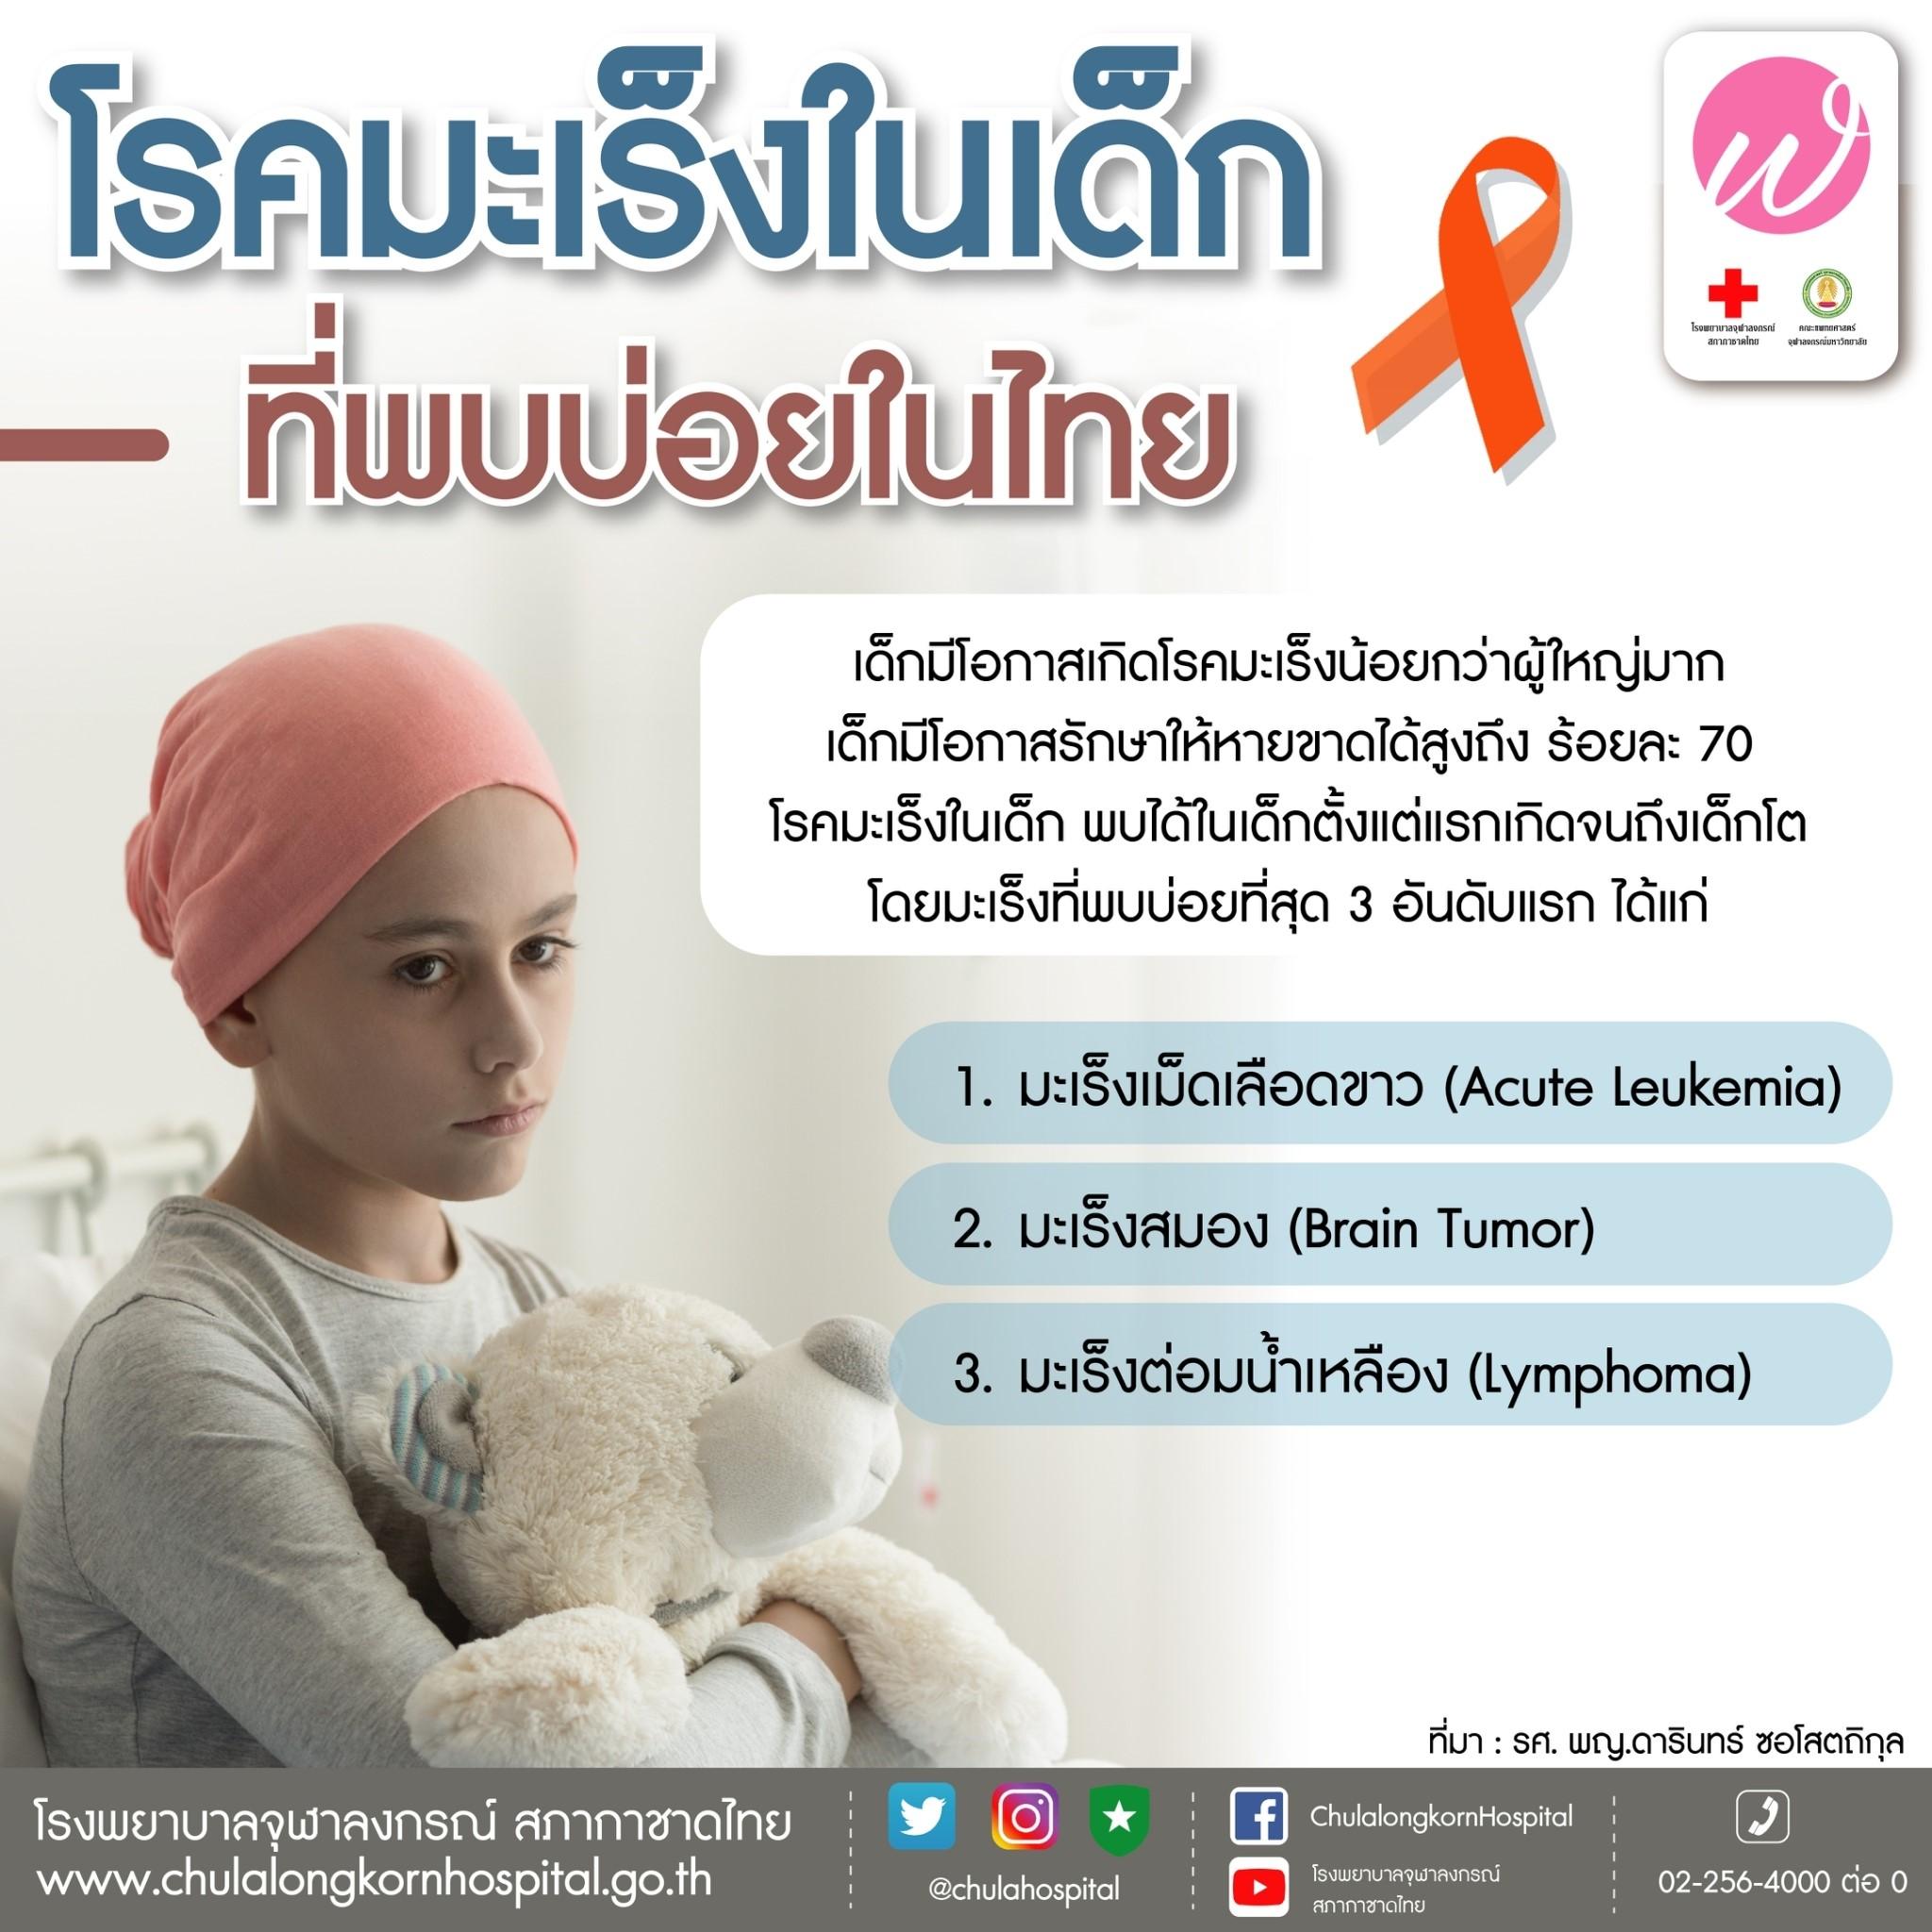 โรคมะเร้งในเด็ก ที่พบบ่อยในไทย